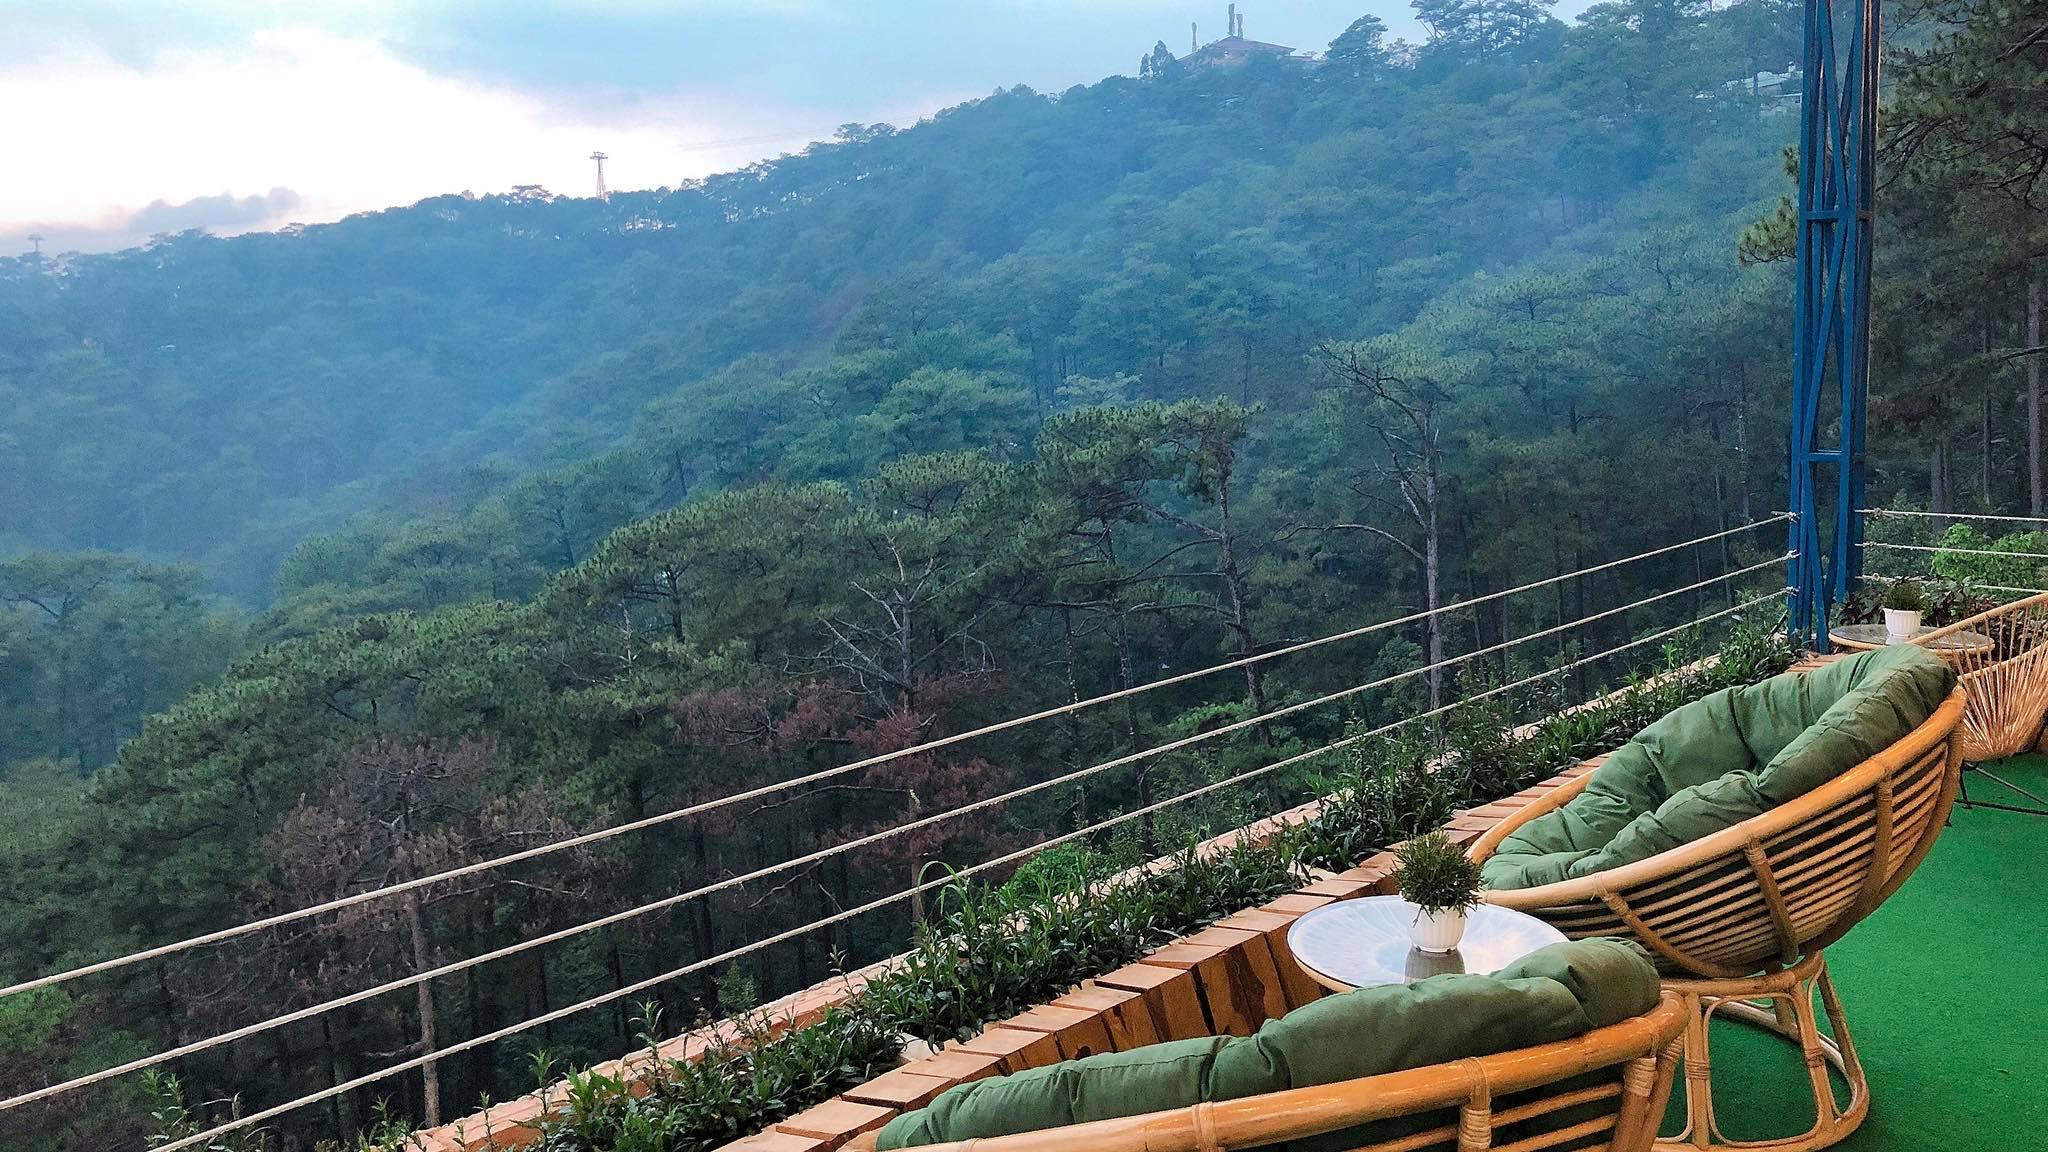 Quán cà phê thung lũng mây